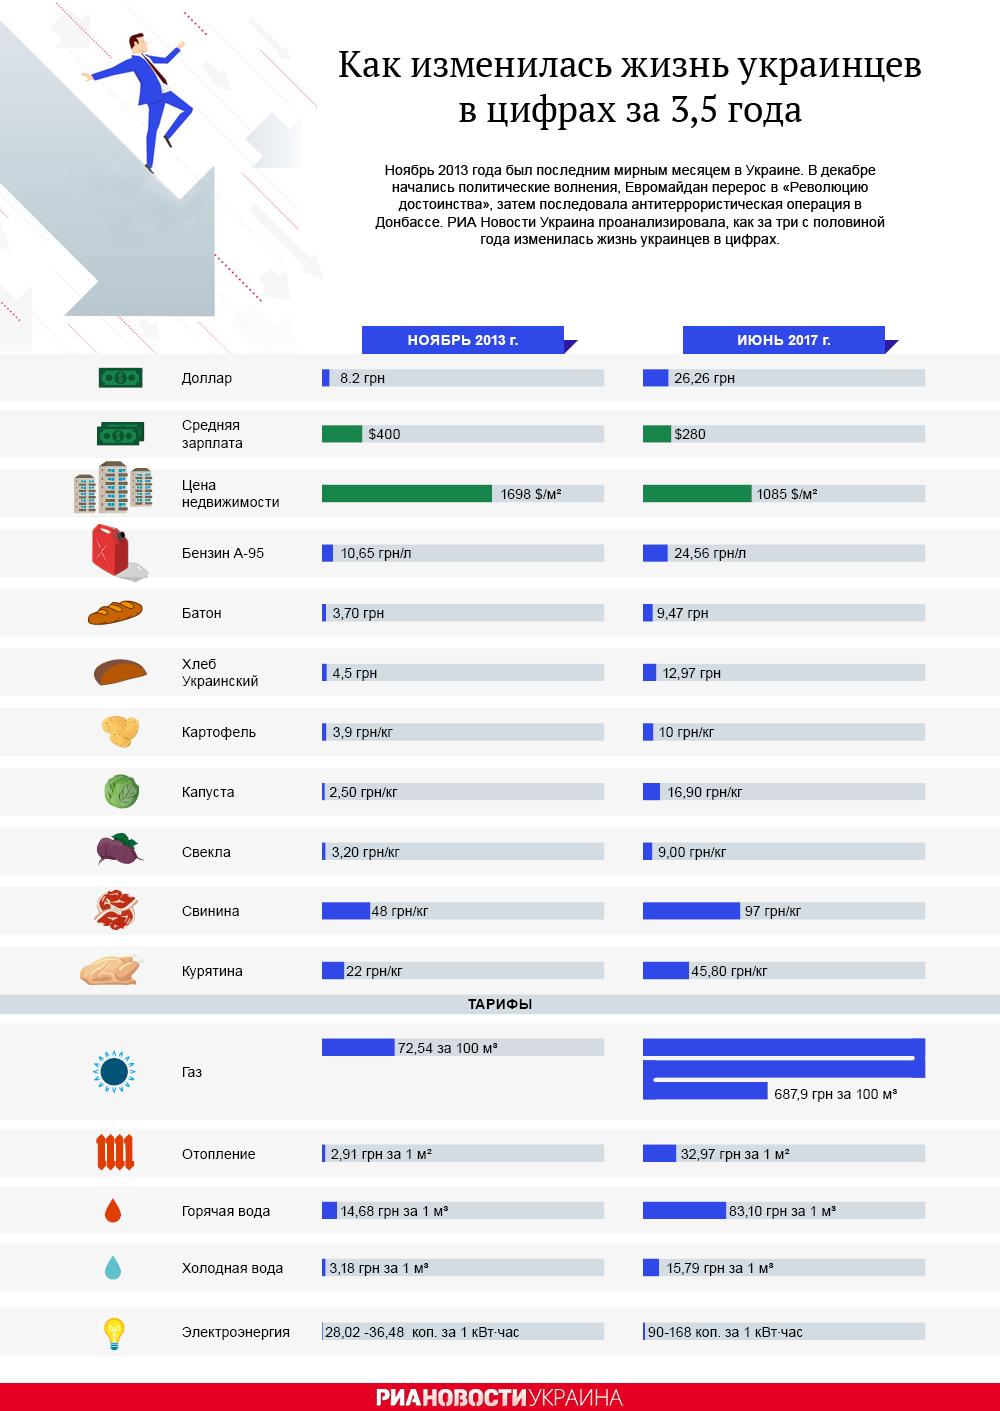 Как изменилась жизнь украинцев за 3,5 года